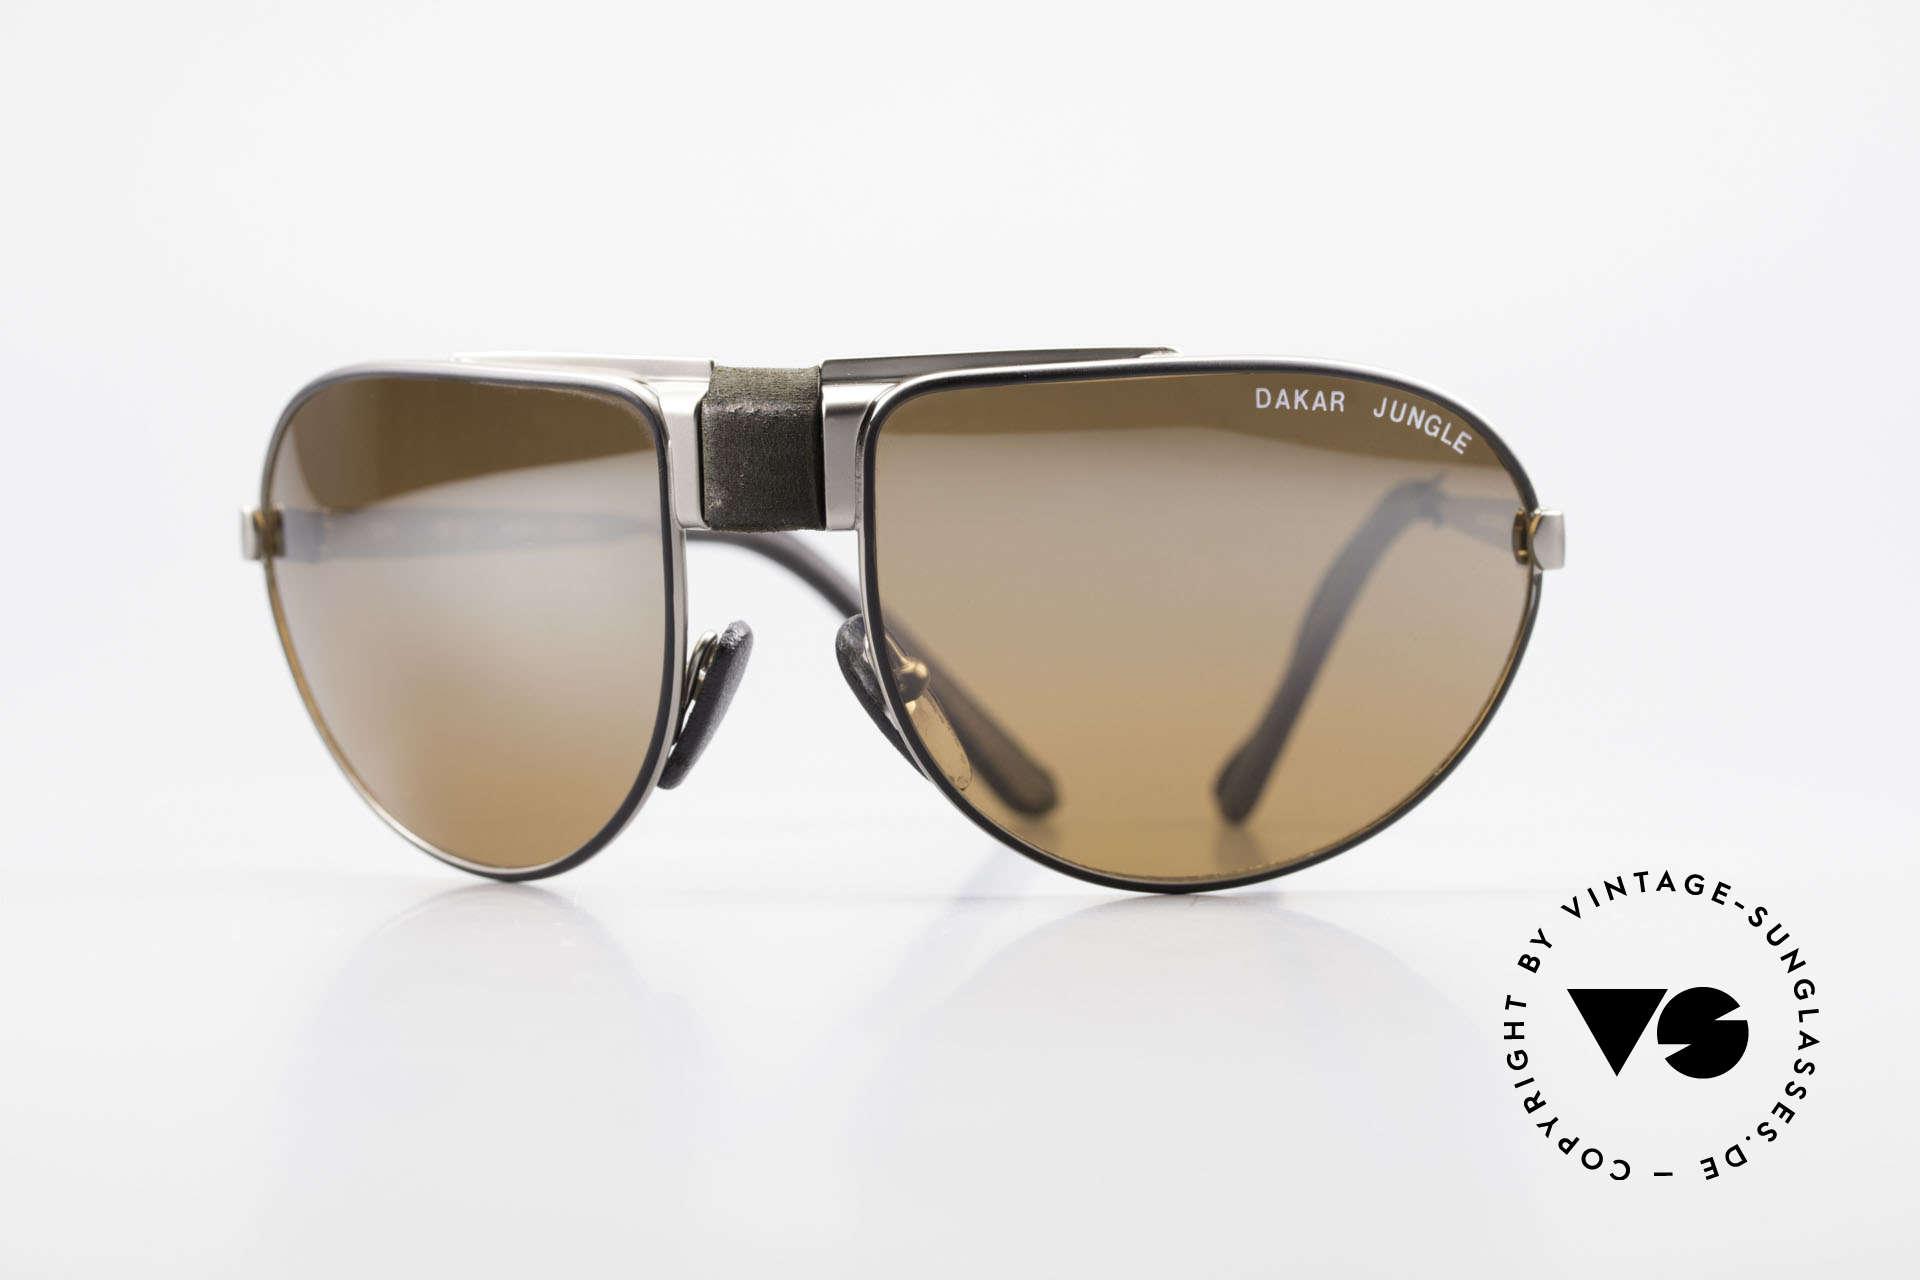 Cebe Dakar Jungle QD02 High-Tech Rennfahrer Brille, vintage Cebe Sportbrille für den extremen Einsatz, Passend für Herren und Damen